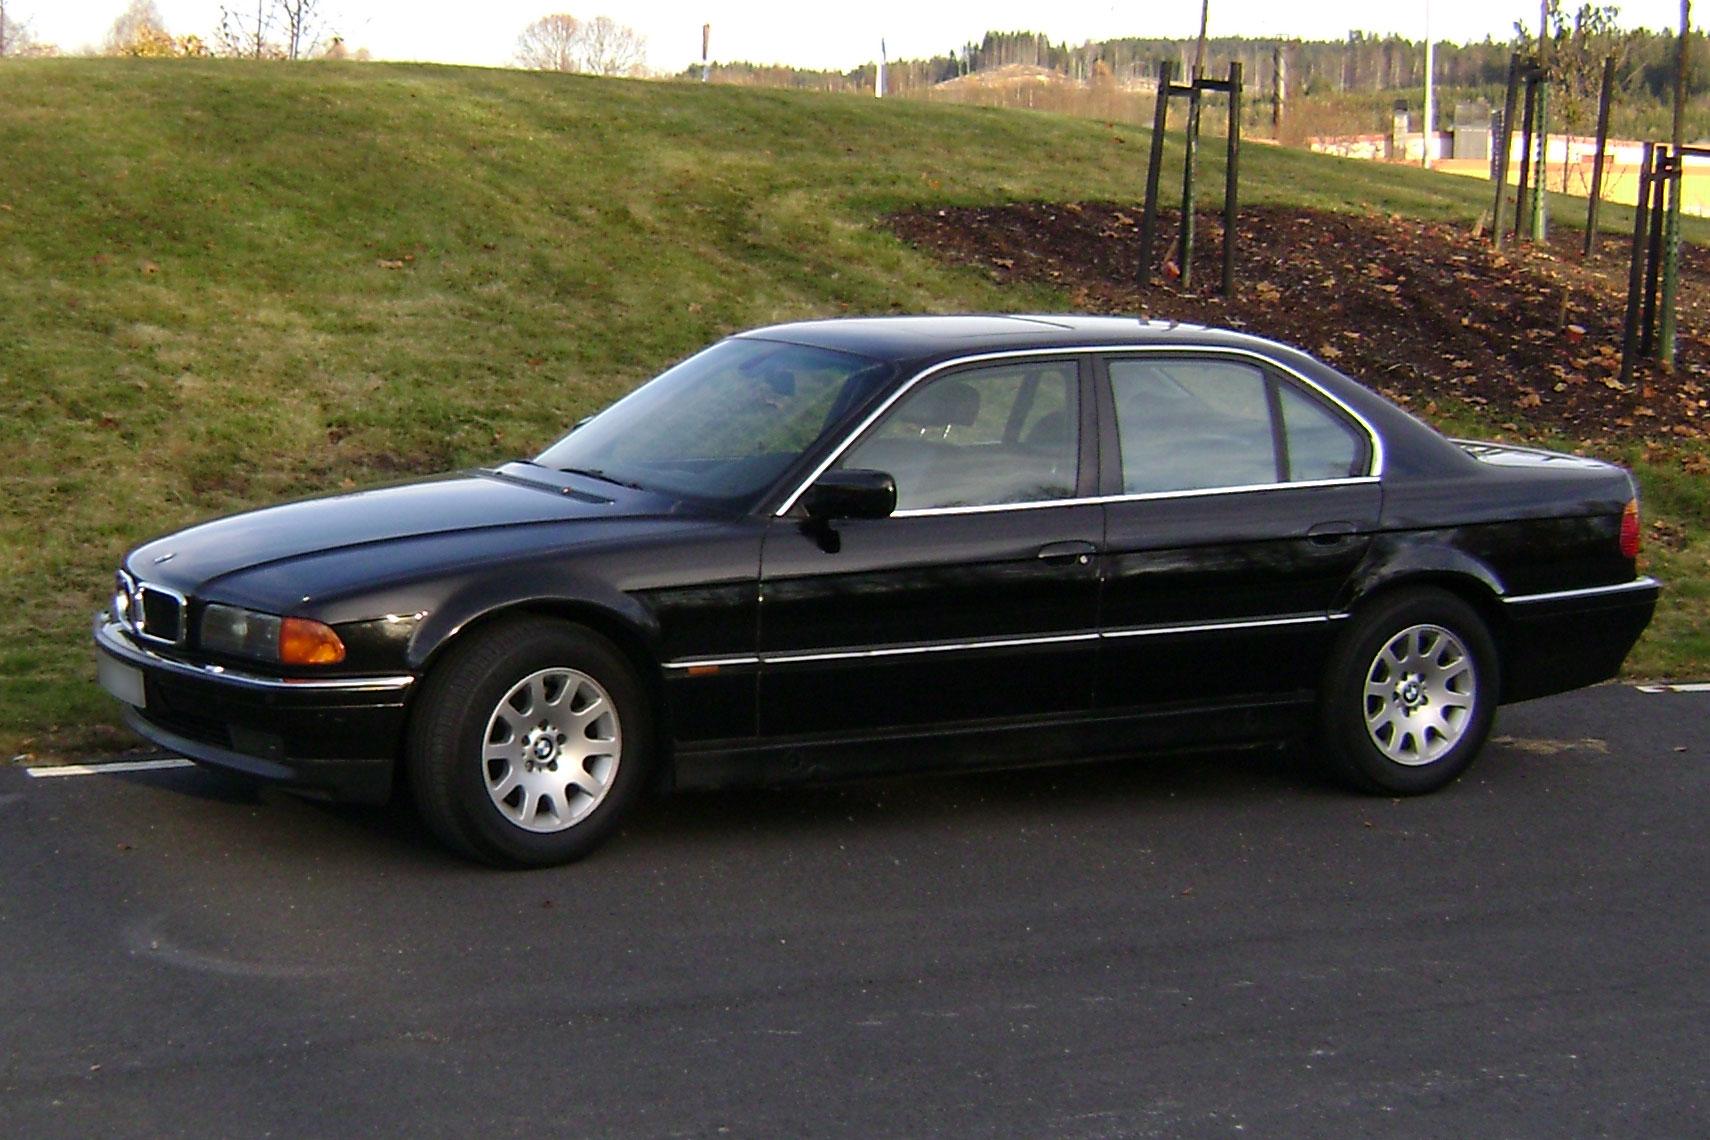 BMW 730i (213hp) (E38)